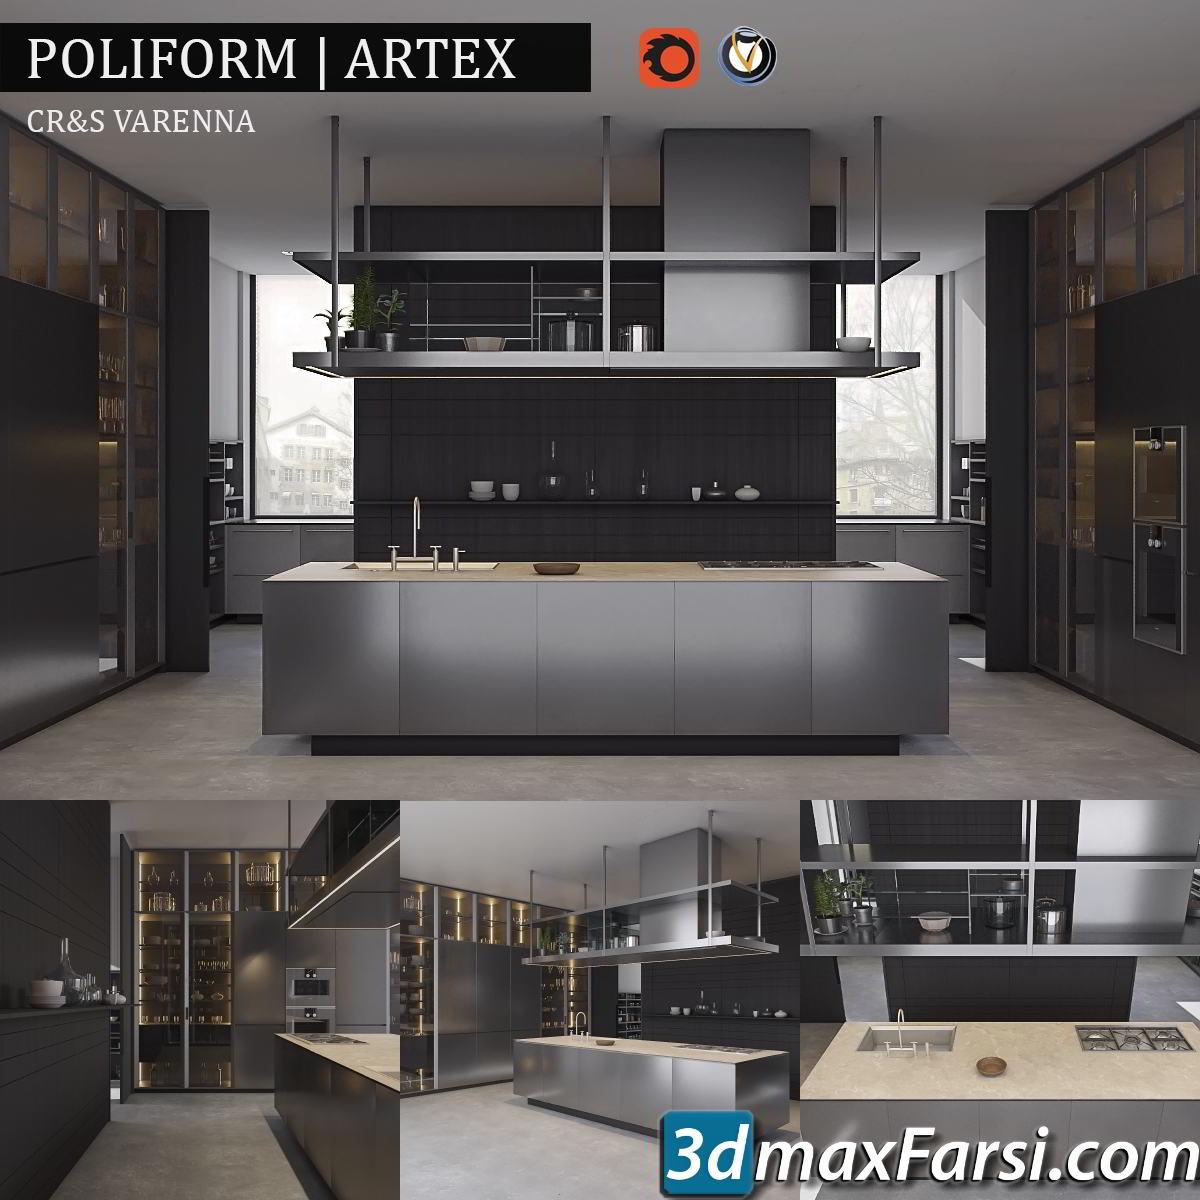 Kitchen Poliform Varenna Artex free download